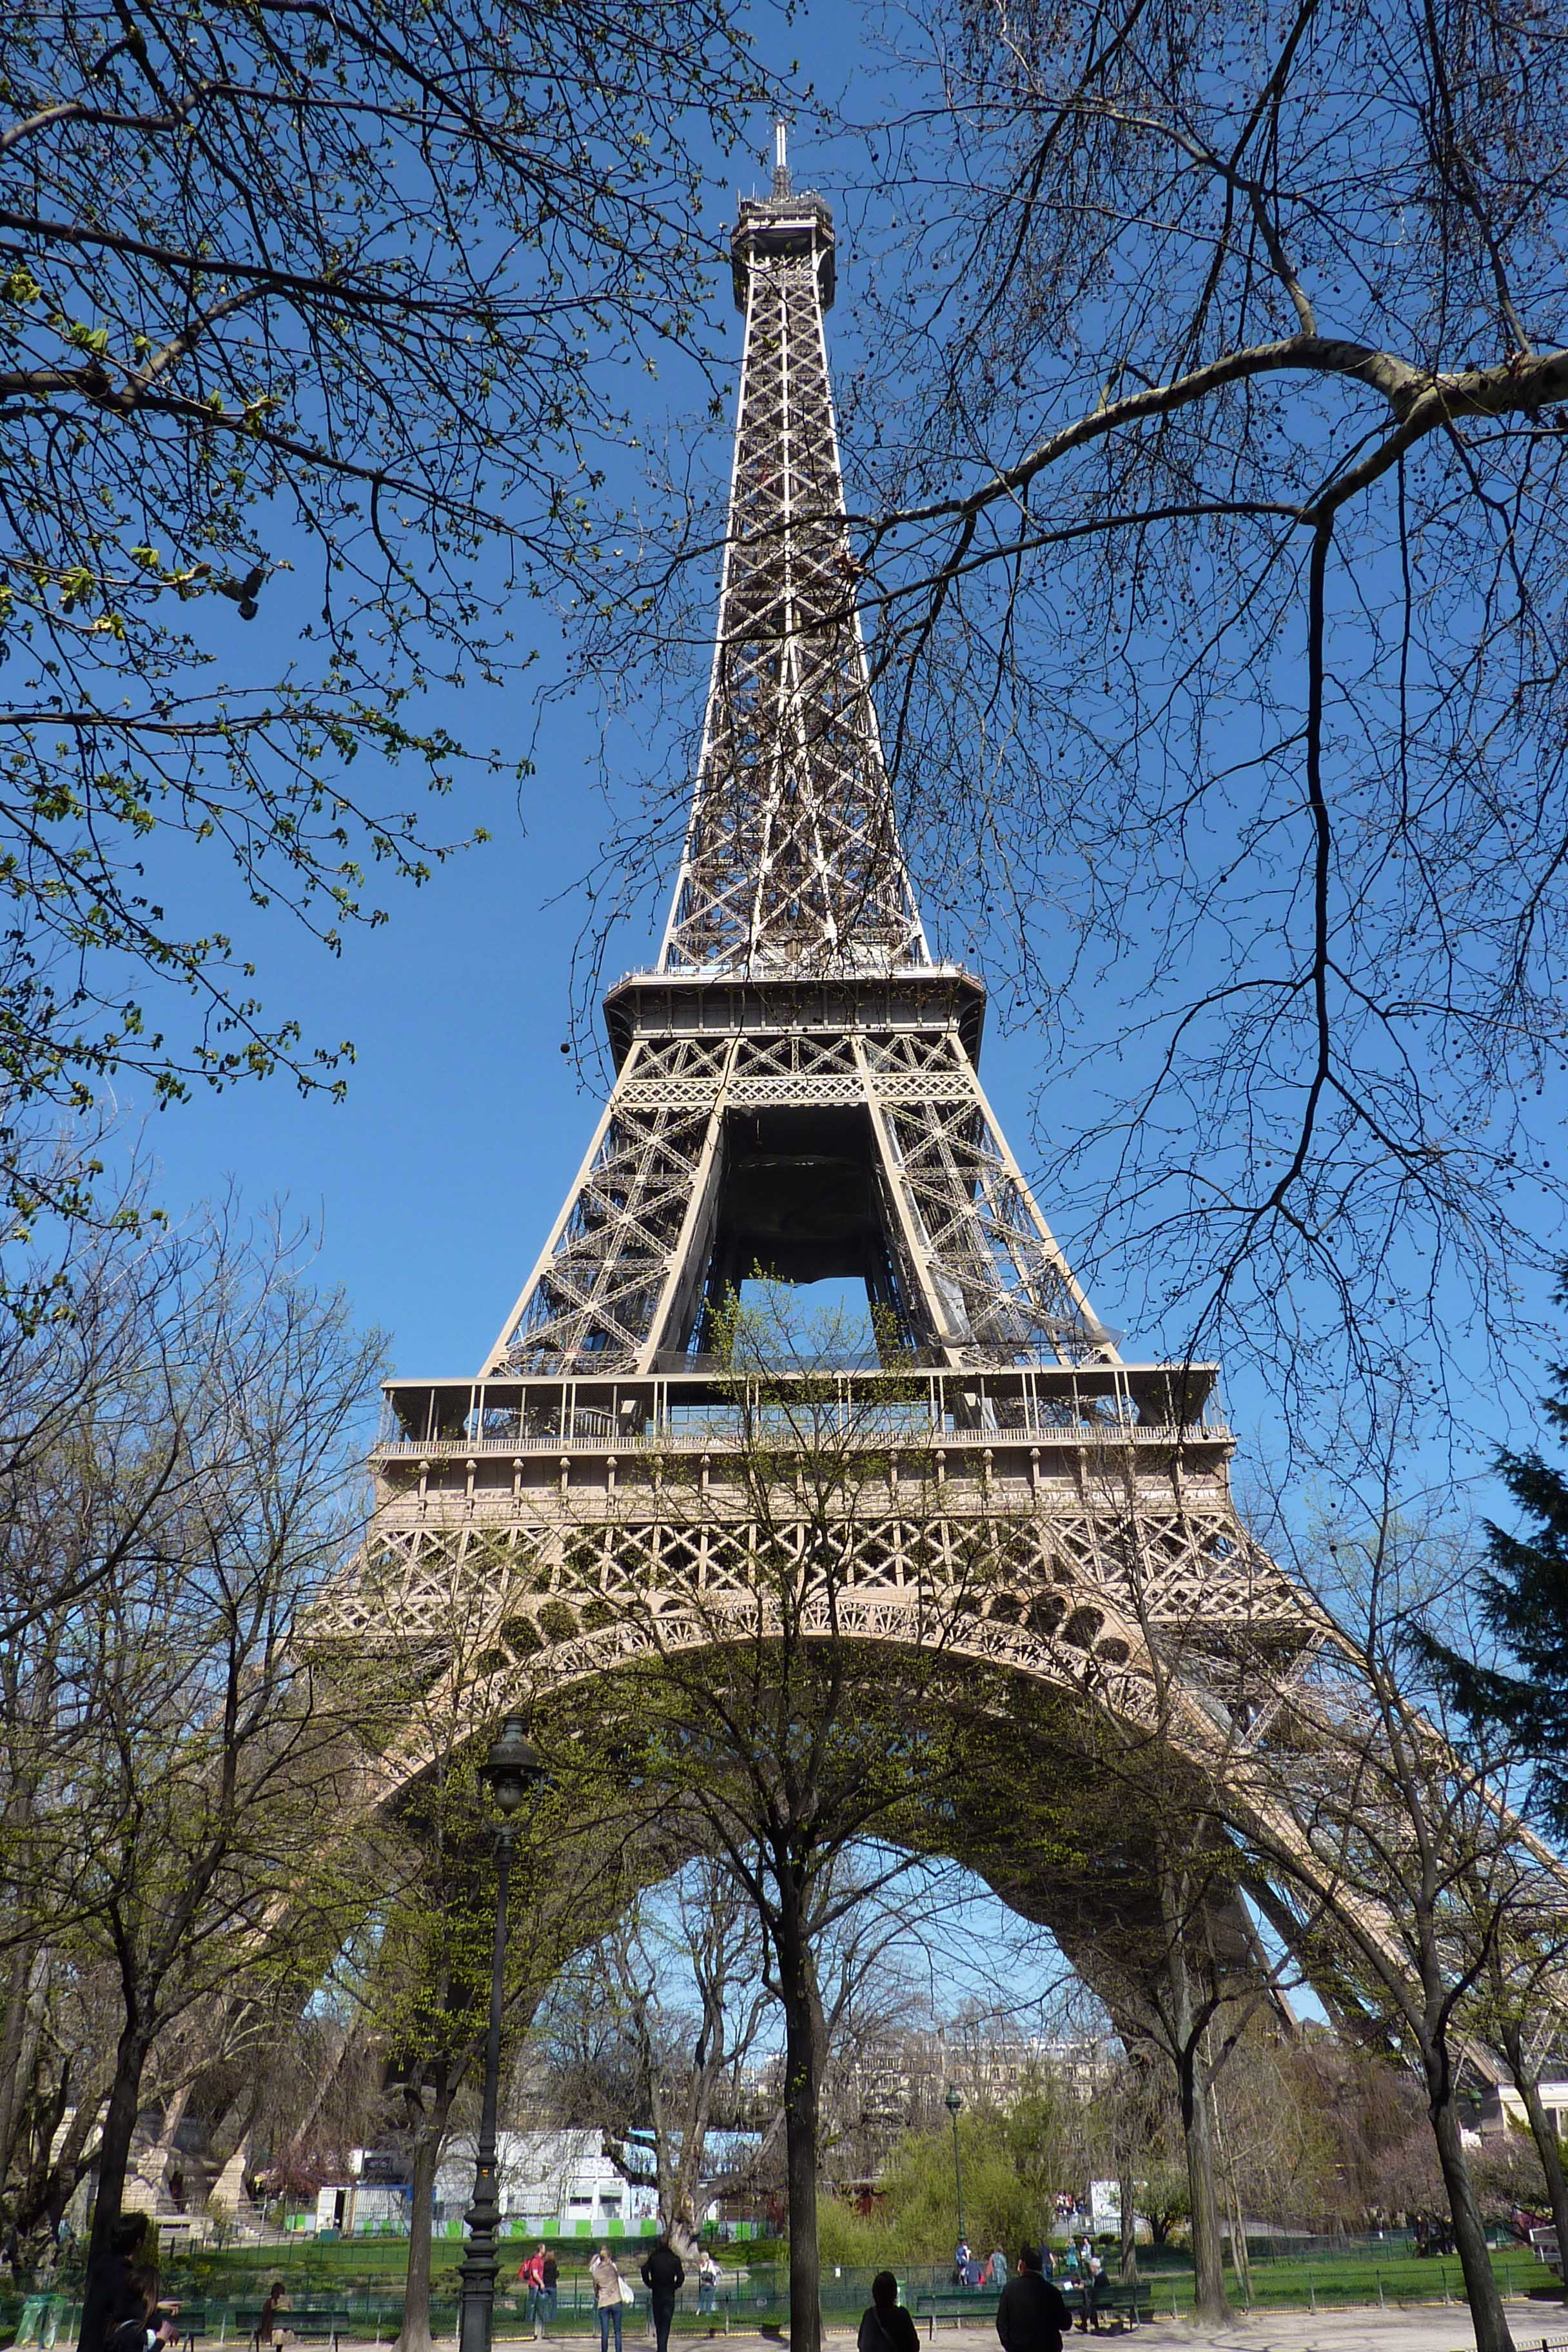 La tour eiffel sur freemages for Paris paysage